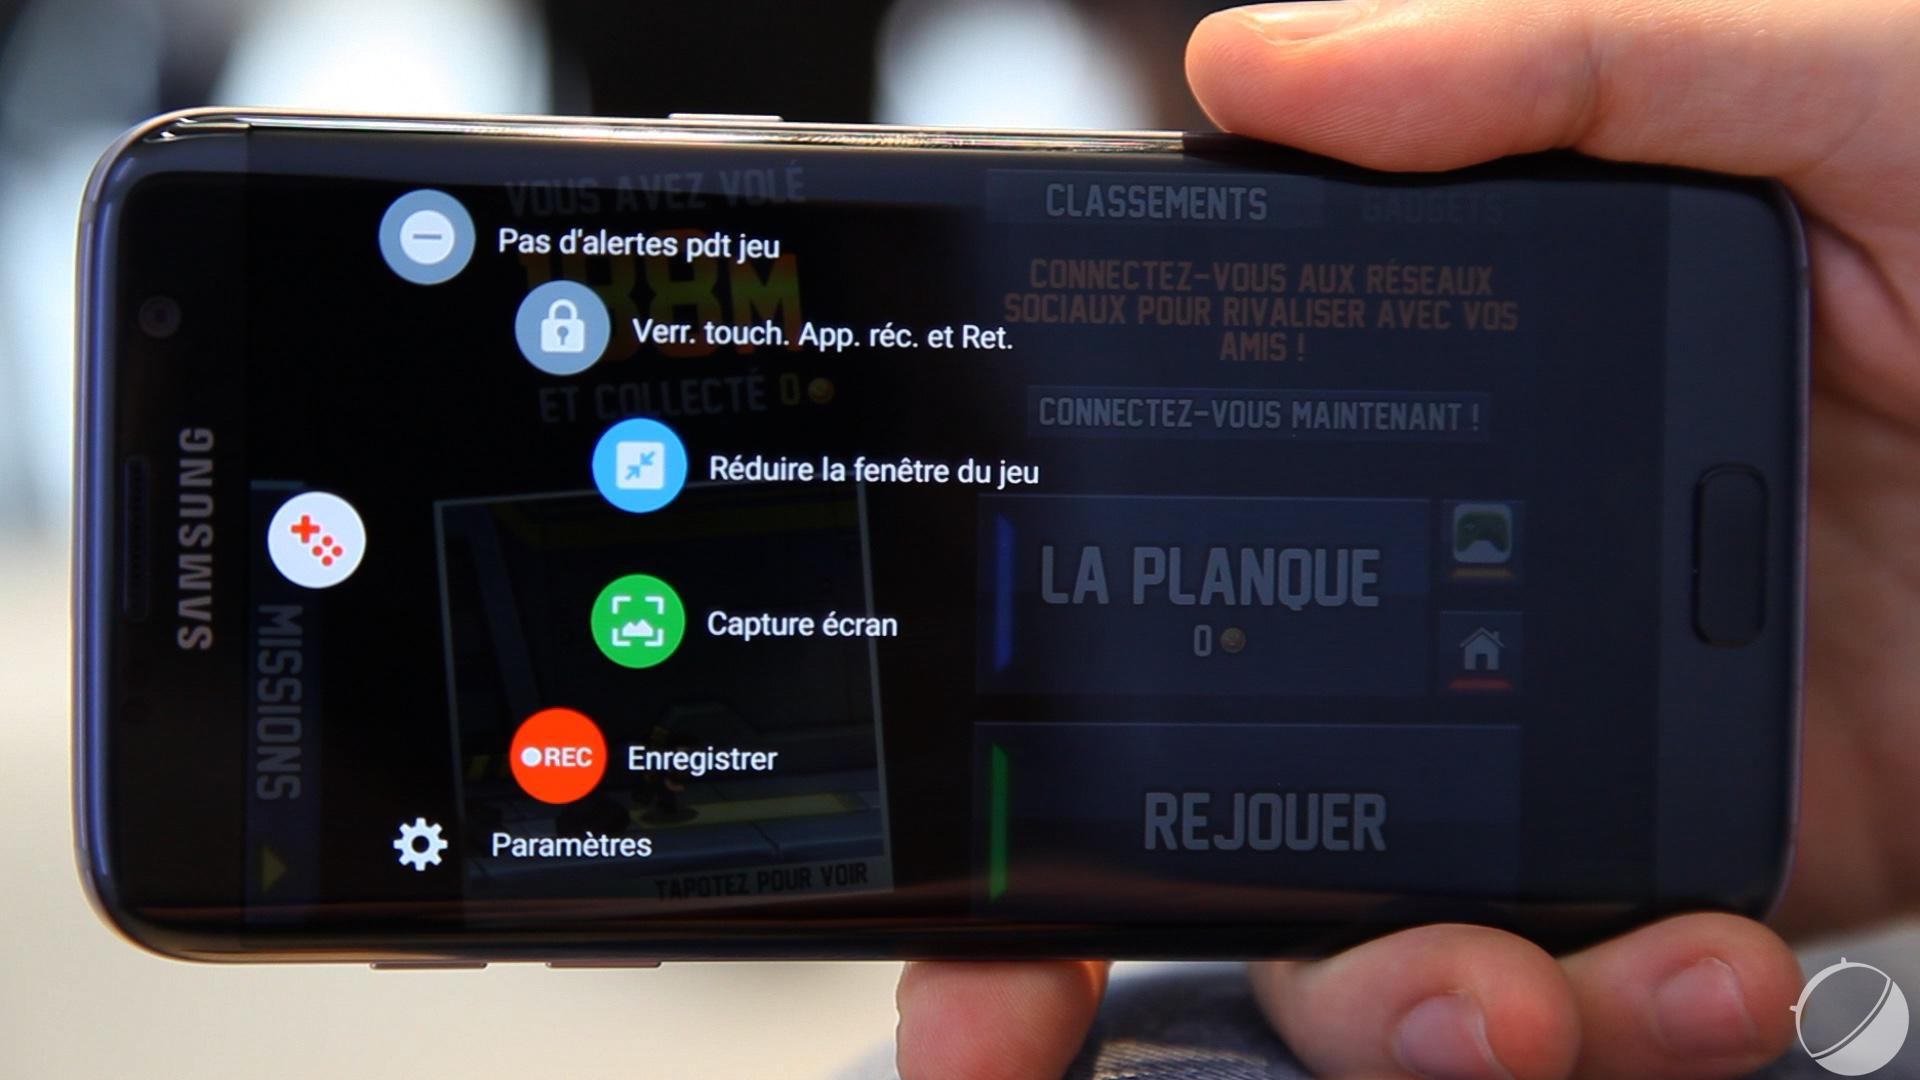 Vidéo : Samsung Galaxy S7 et S7 Edge, découverte de leurs fonctionnalités logicielles